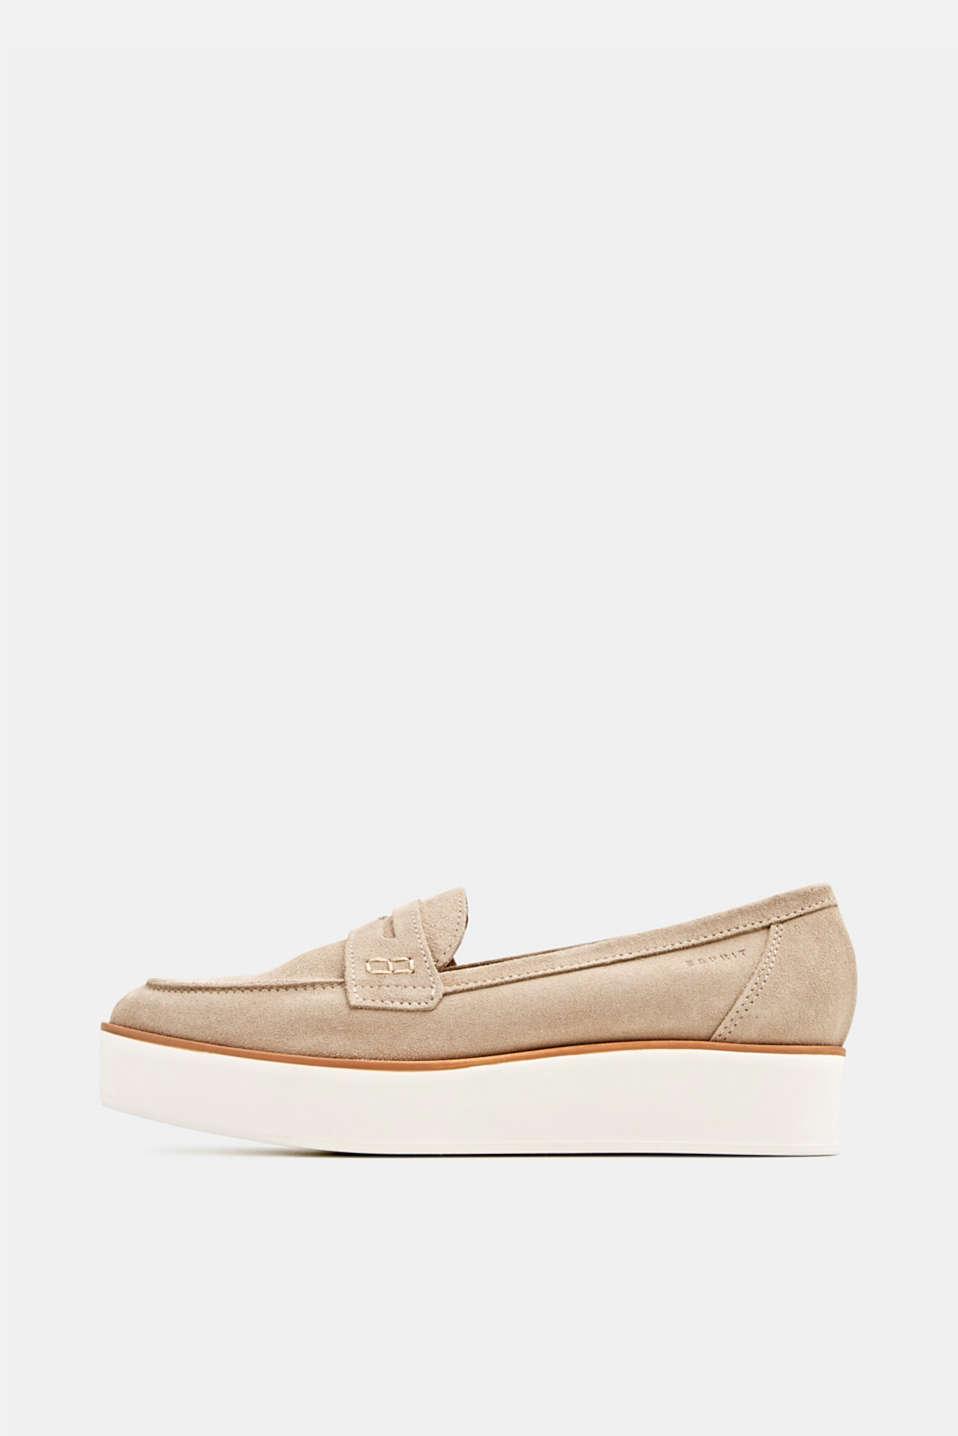 Platform suede loafers, BEIGE, detail image number 0